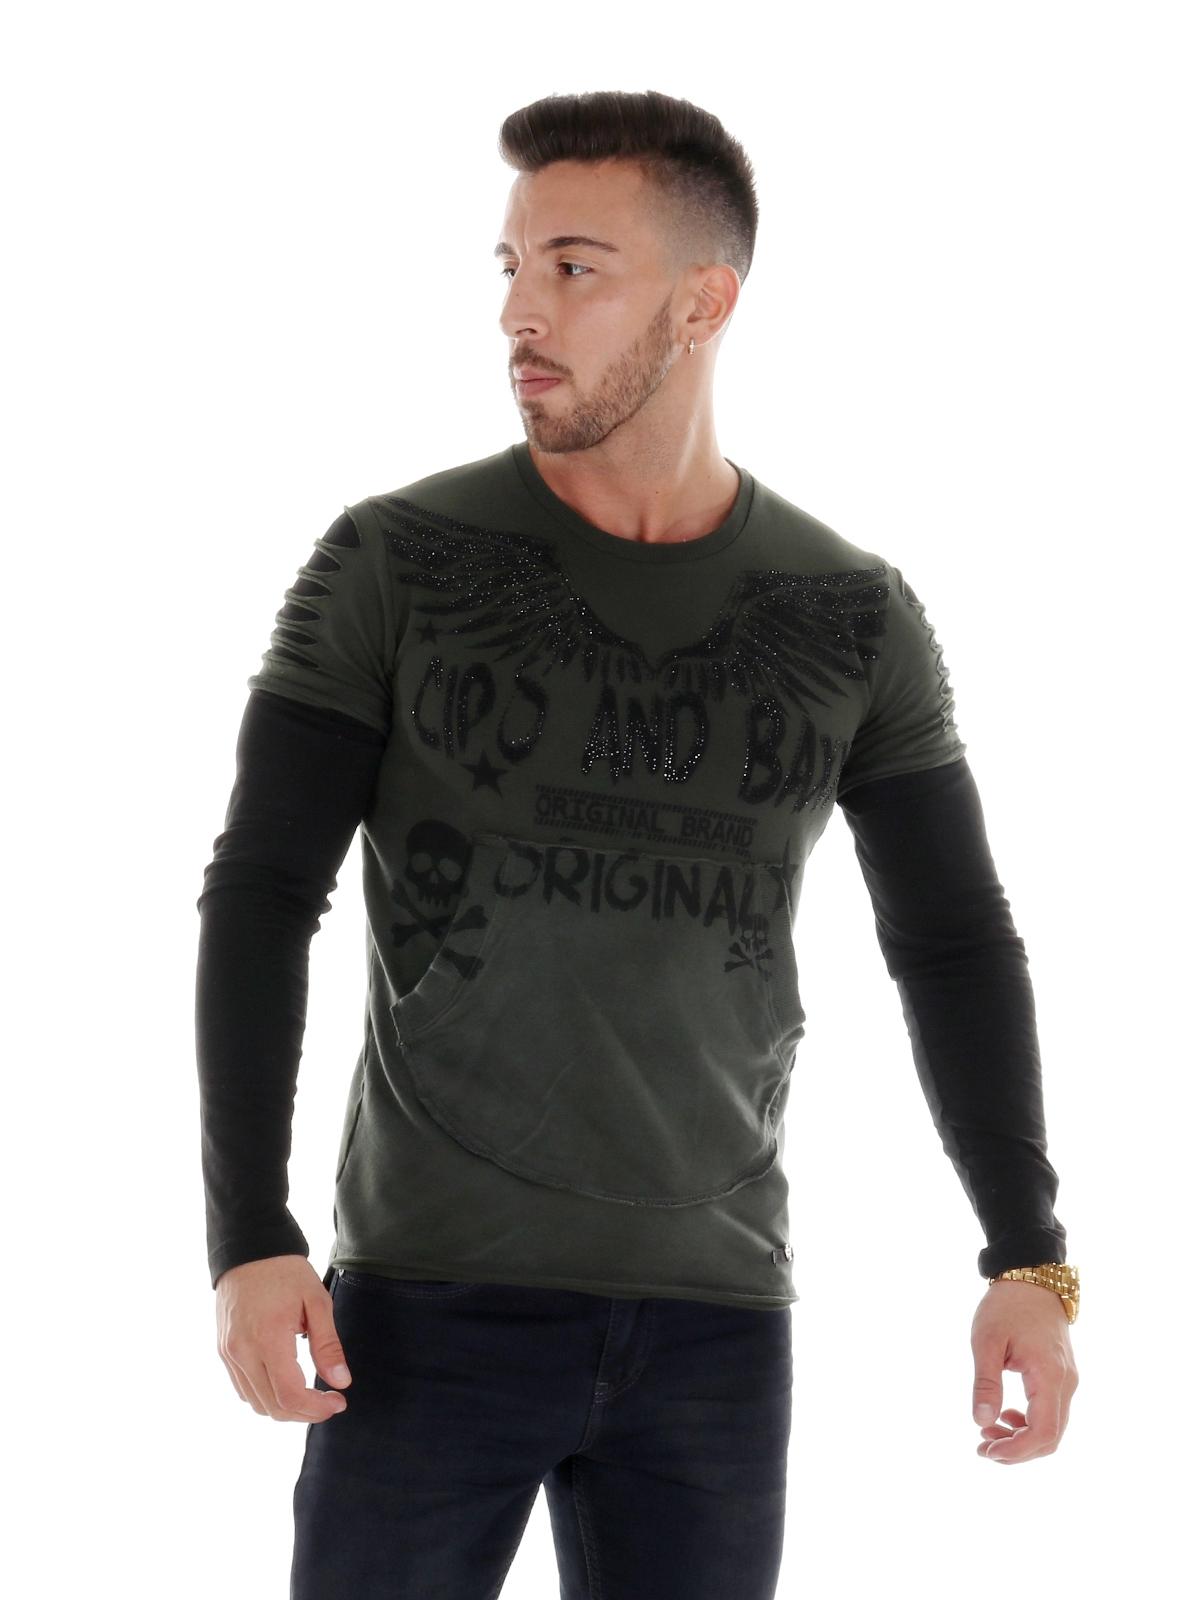 T-shirt manche courte